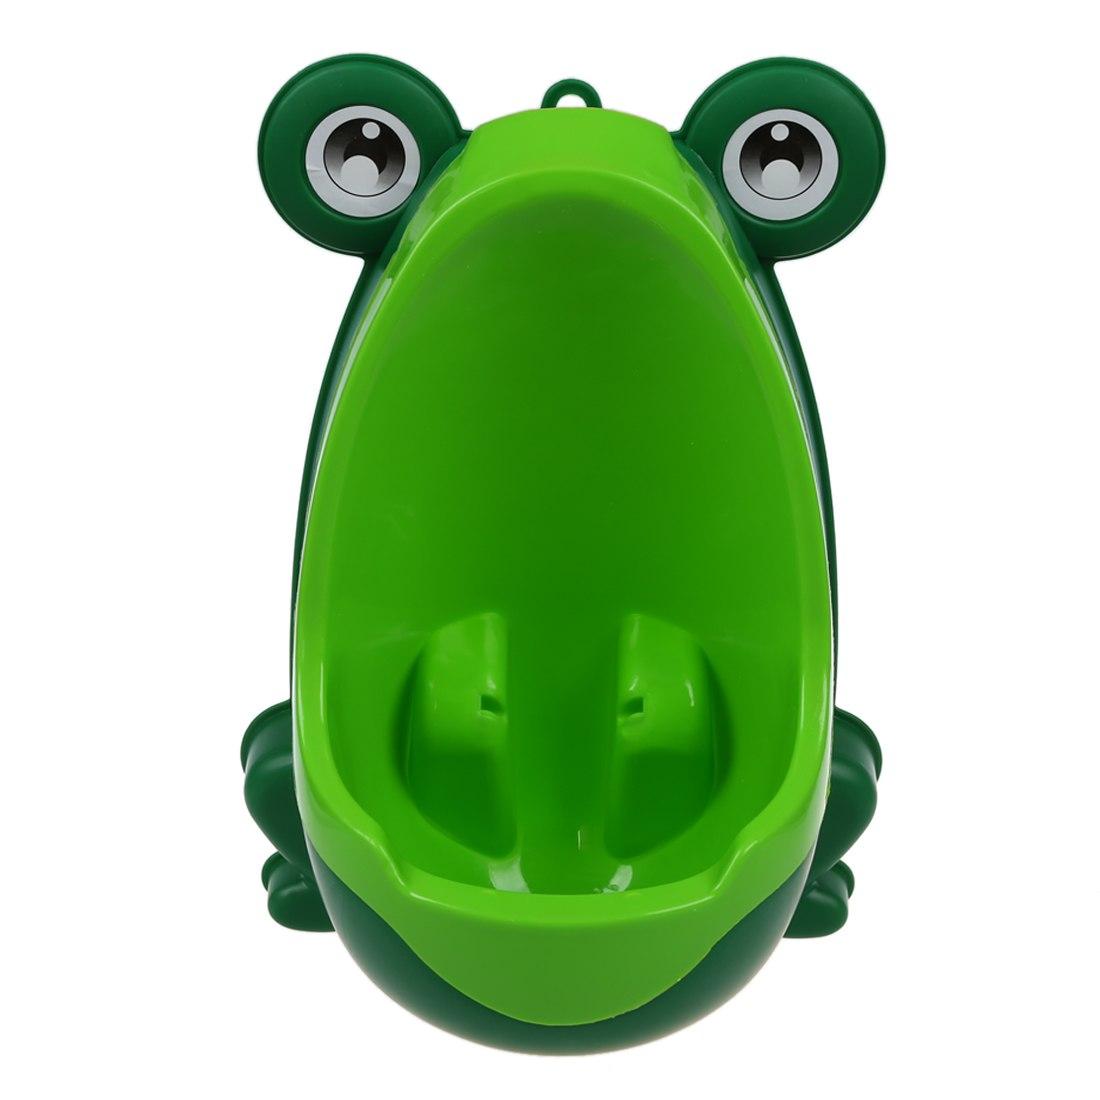 [해외]베이비 보이즈 키즈 유아 화장실 훈련기 트레이너 미니 화장실 (개구리 그린)/Baby Boys Kids Toddler Potty Training Pee Trainer Mini Toilet (Frog Green)